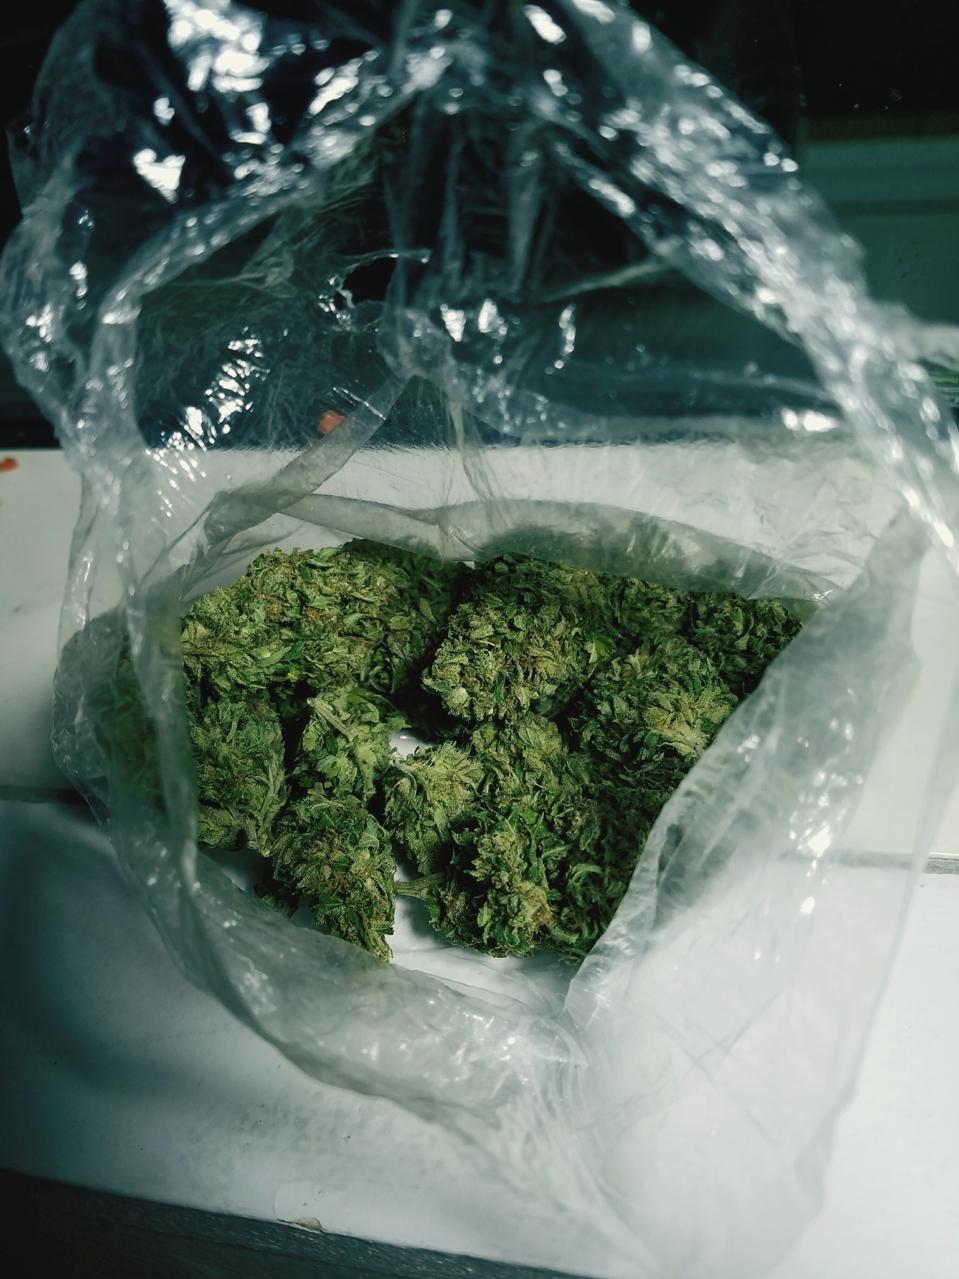 Close-Up Of Marijuana